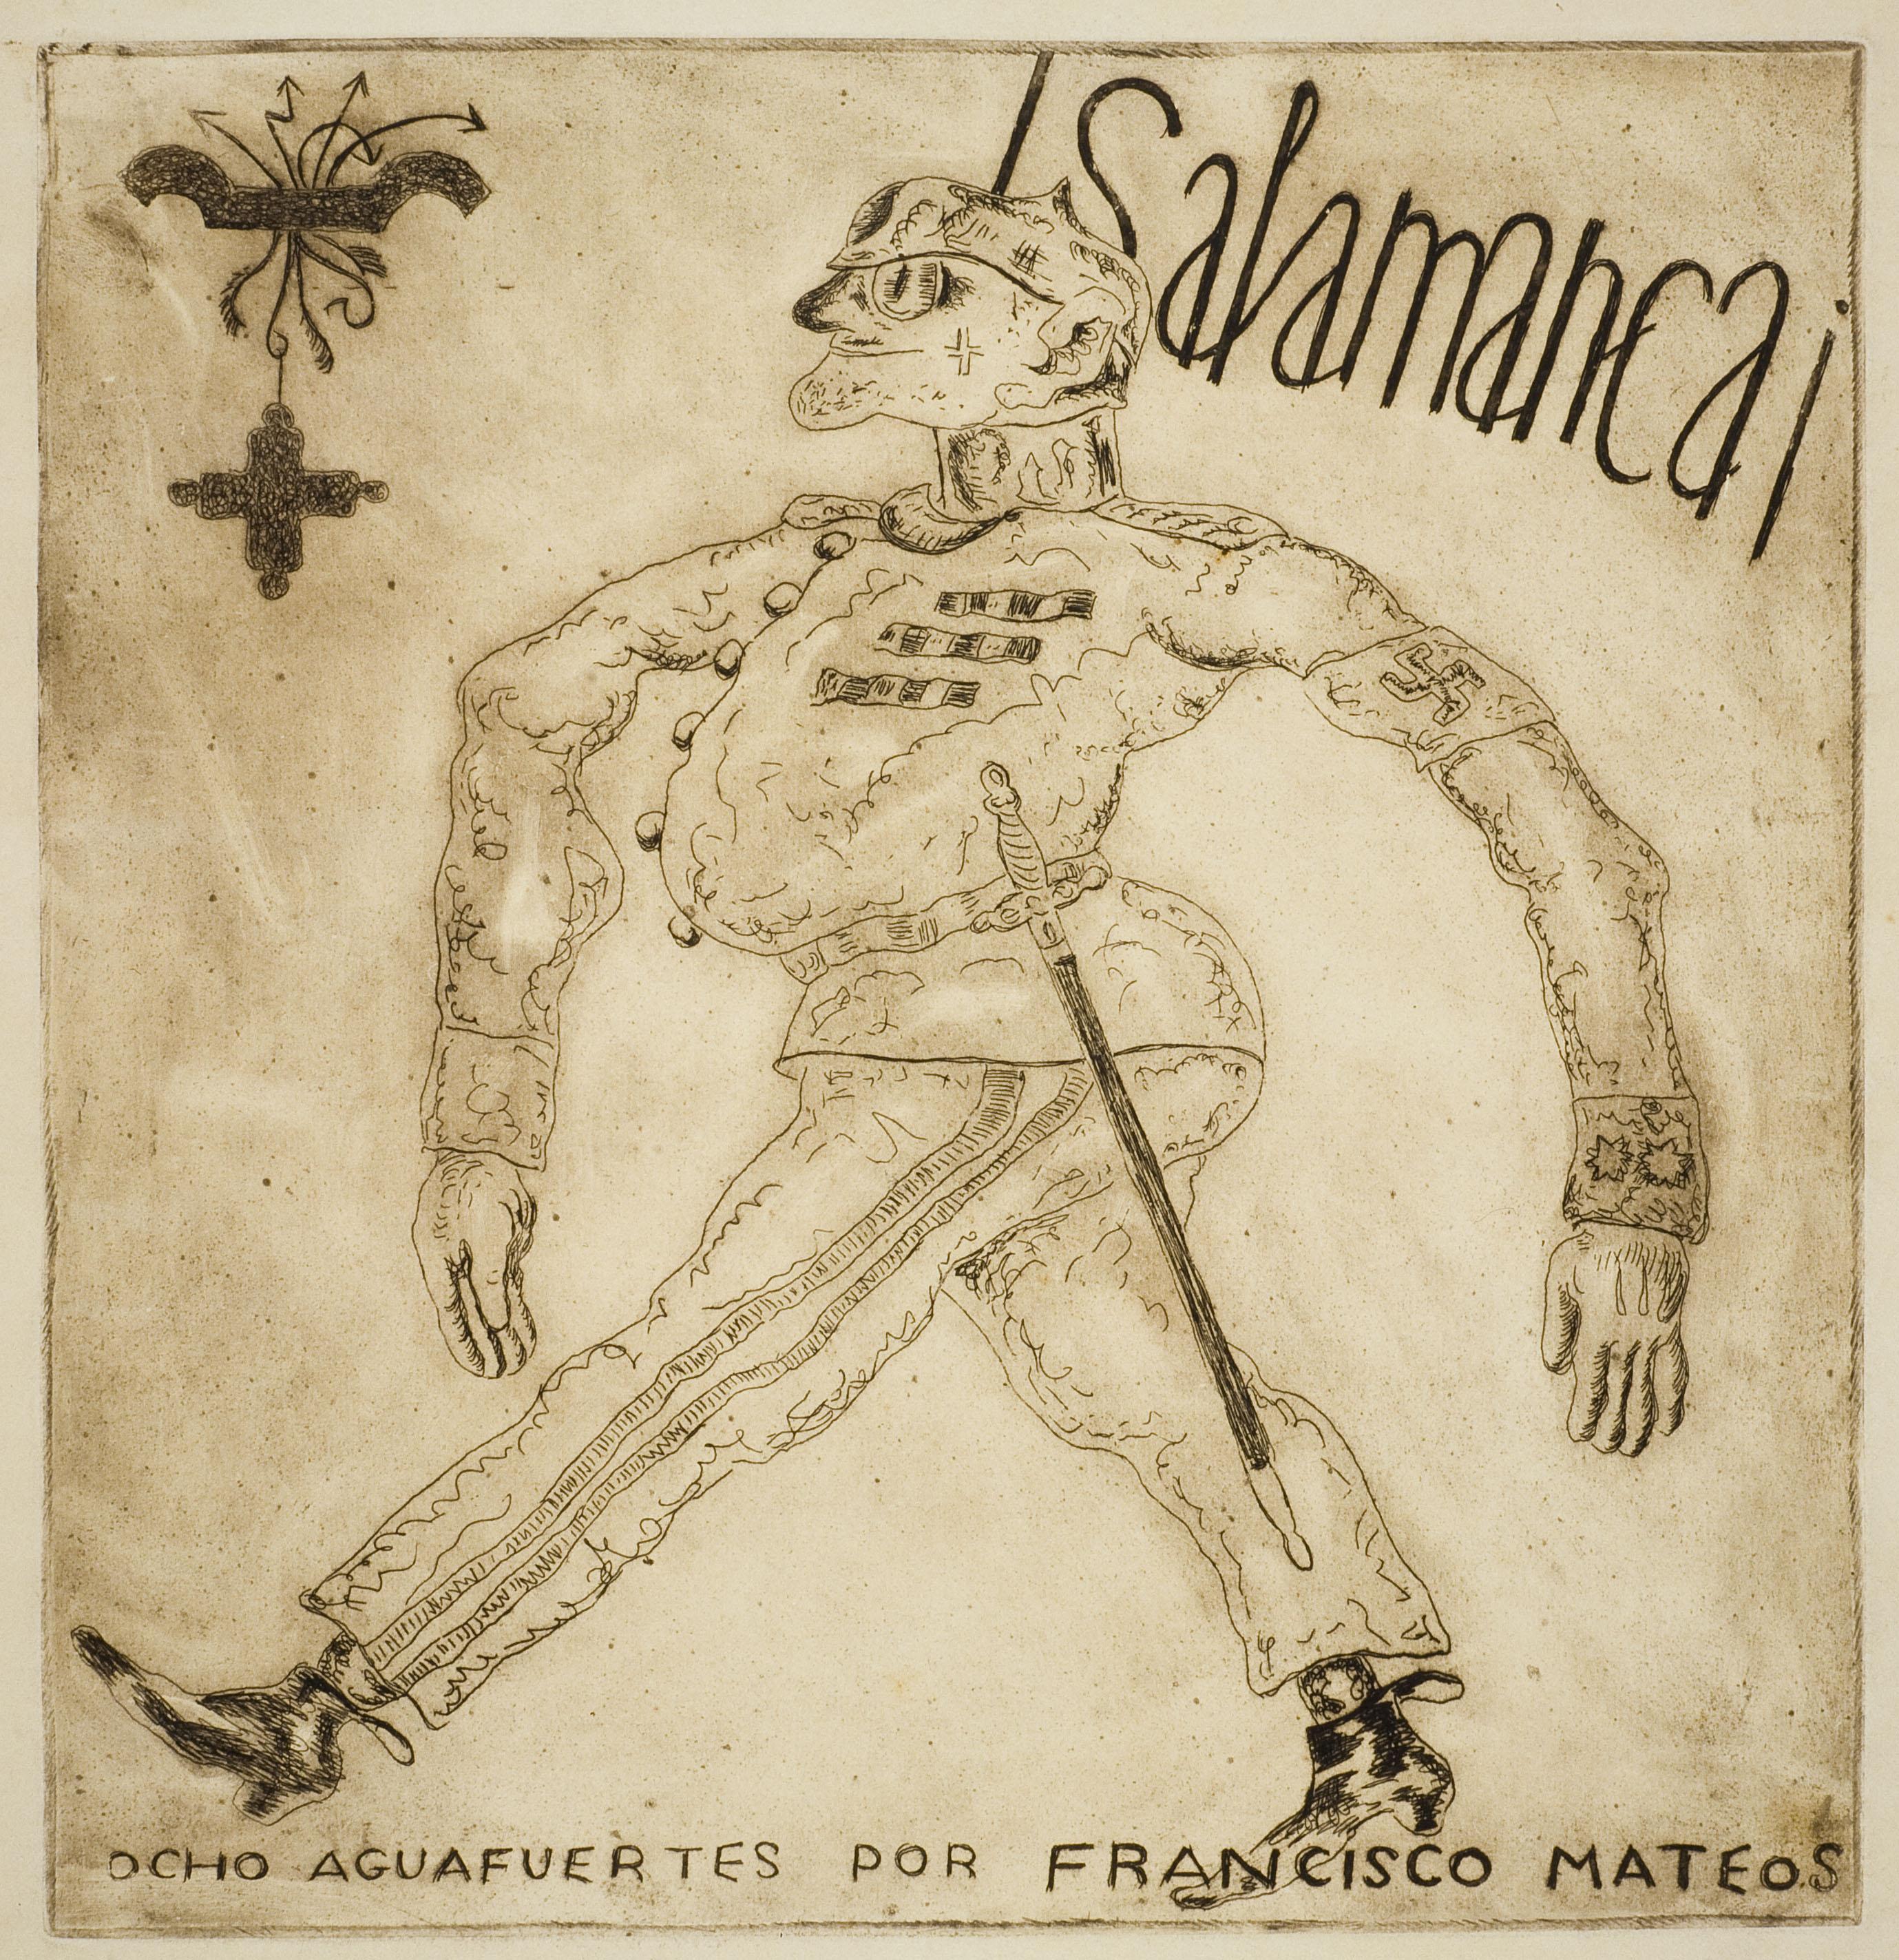 Francisco Mateos - ¡Salamanca! (portada) - 1937